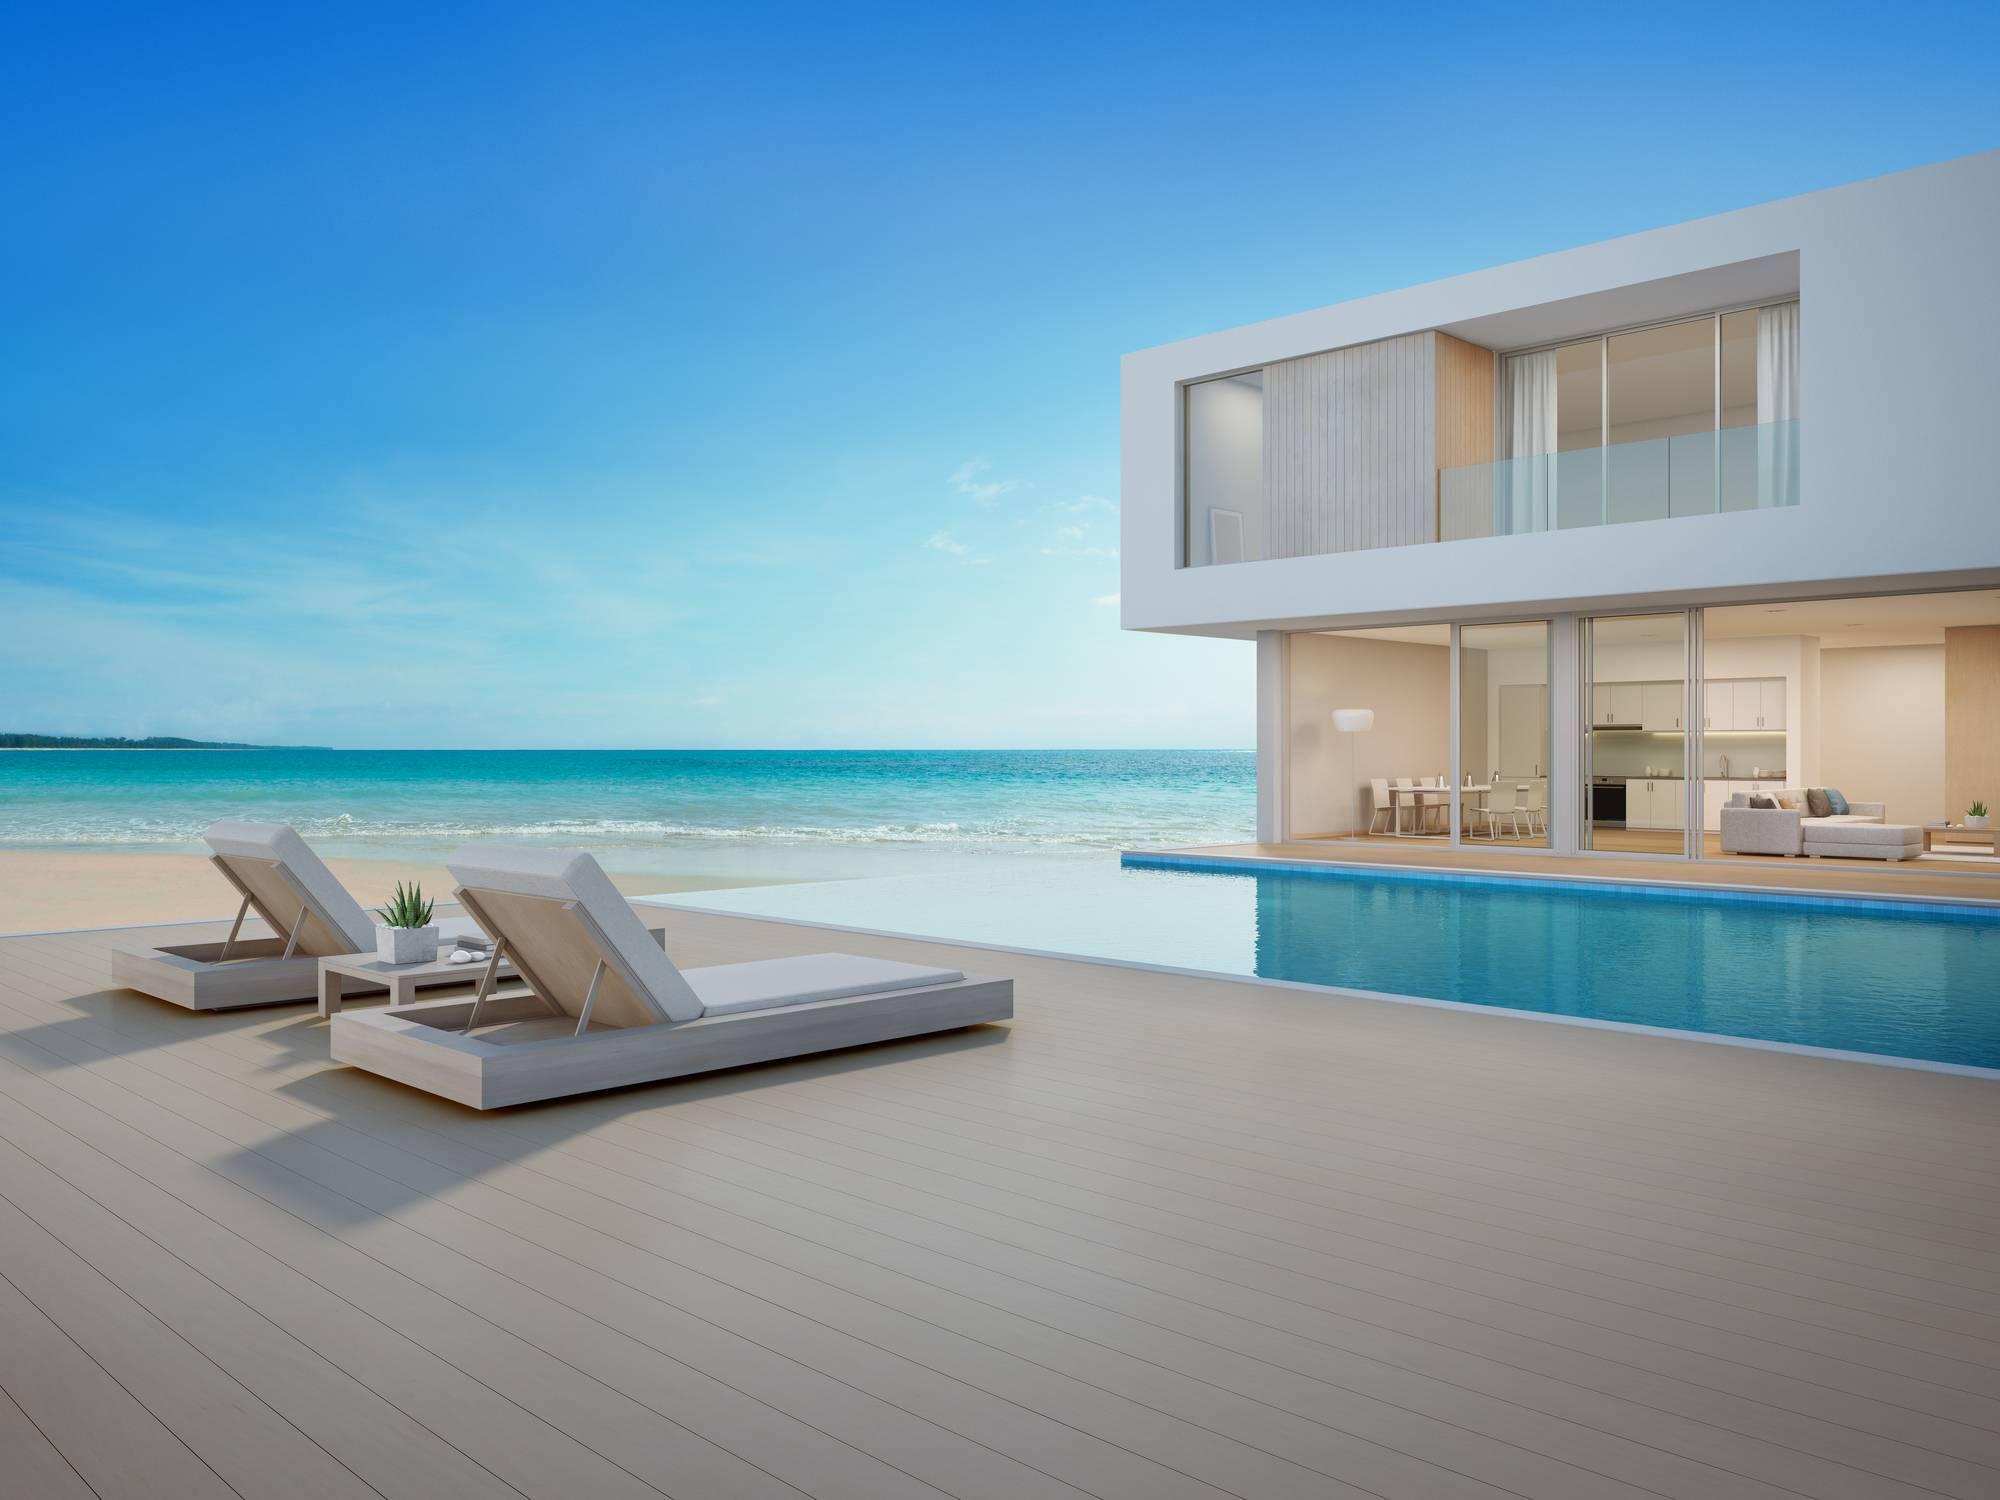 immobilier prestige Côte d'Azur